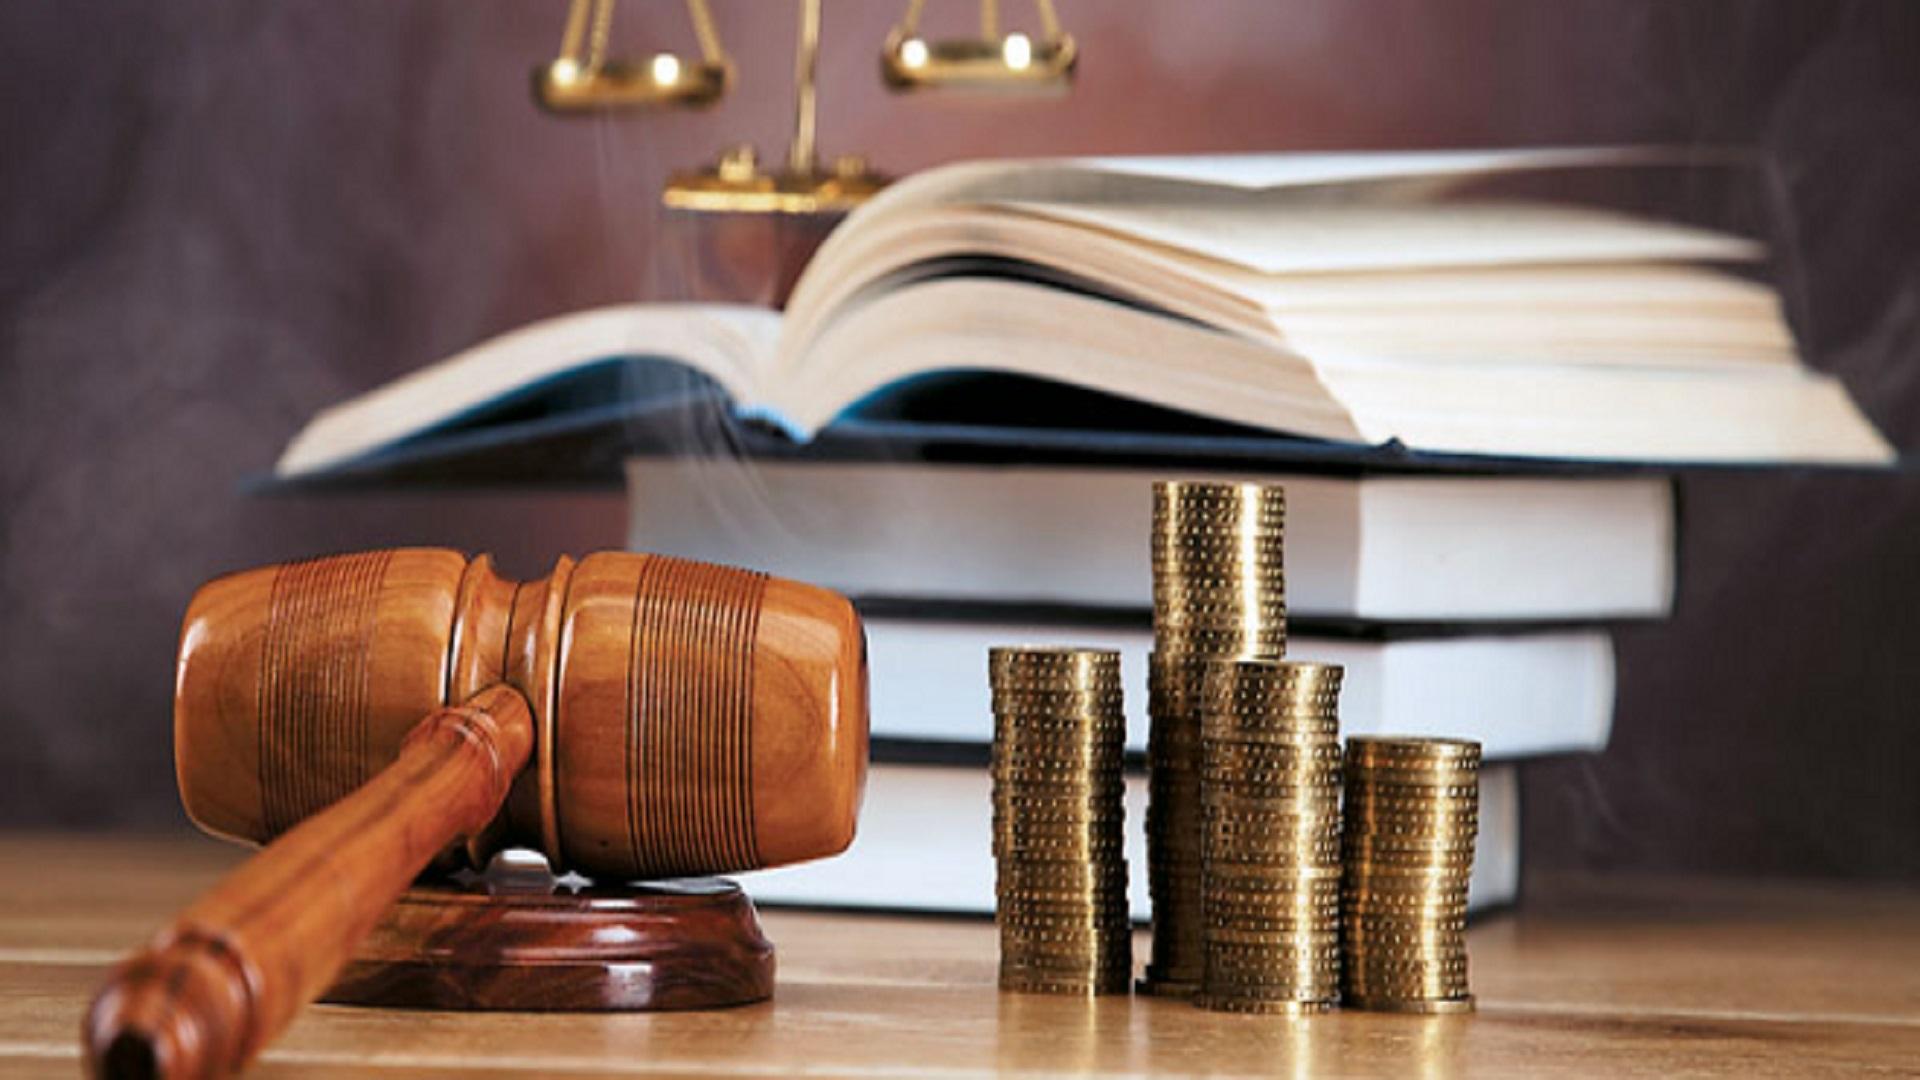 Μη συμμόρφωση στις αποφάσεις του ΣτΕ – Δικαστική επιτυχία